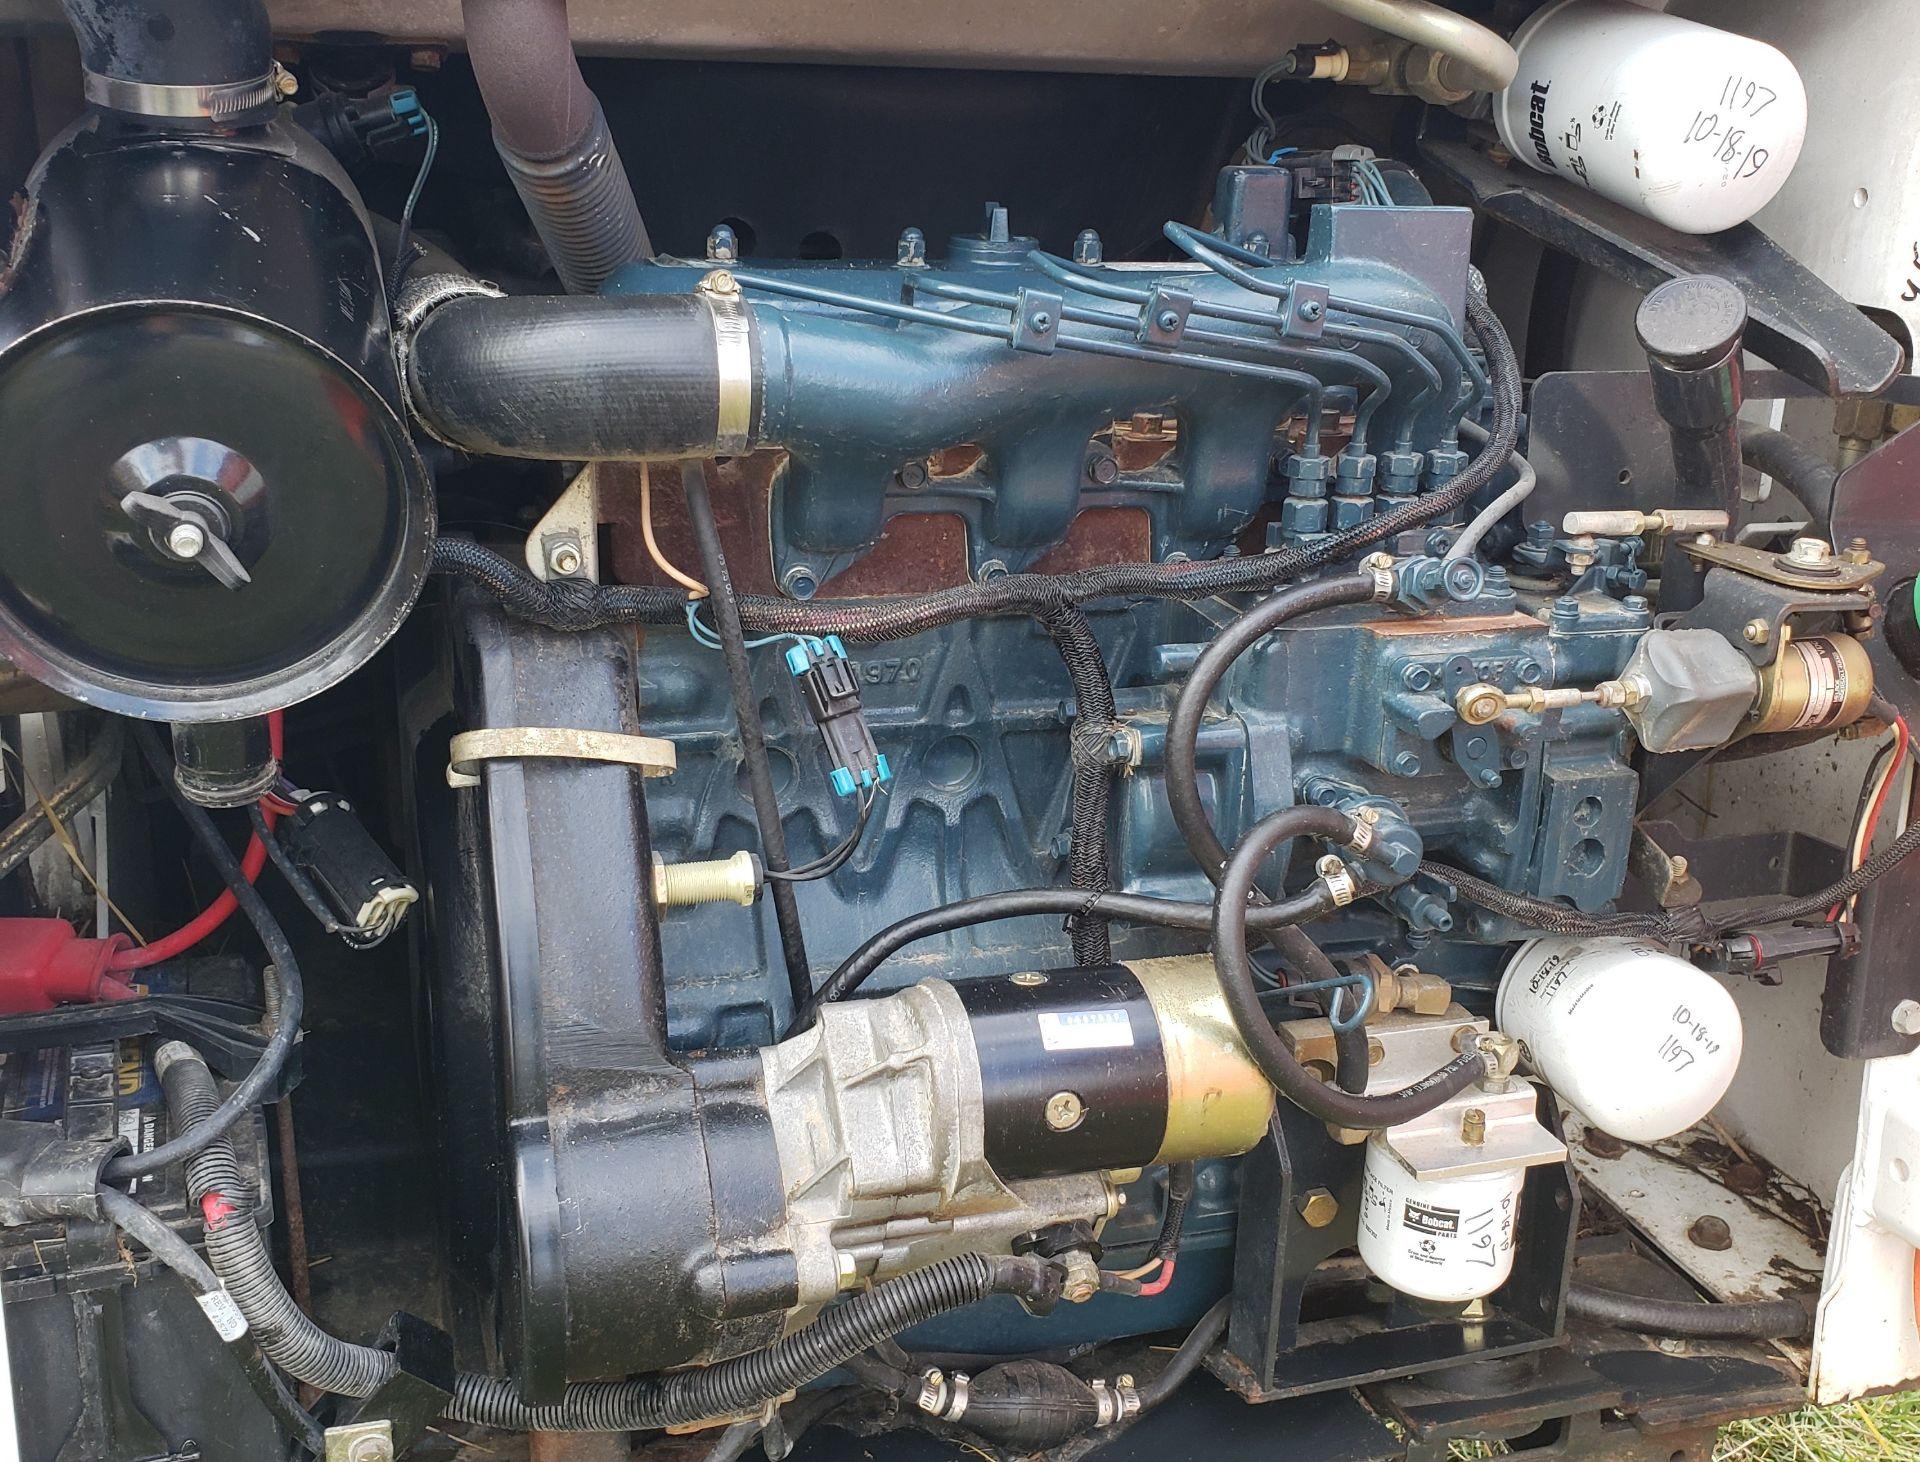 Bobcat Model 773 Skid Steer, s/n 517615228, 1208 Hours, 78 in GP Bucket, Owner Operated Machine - Image 10 of 12